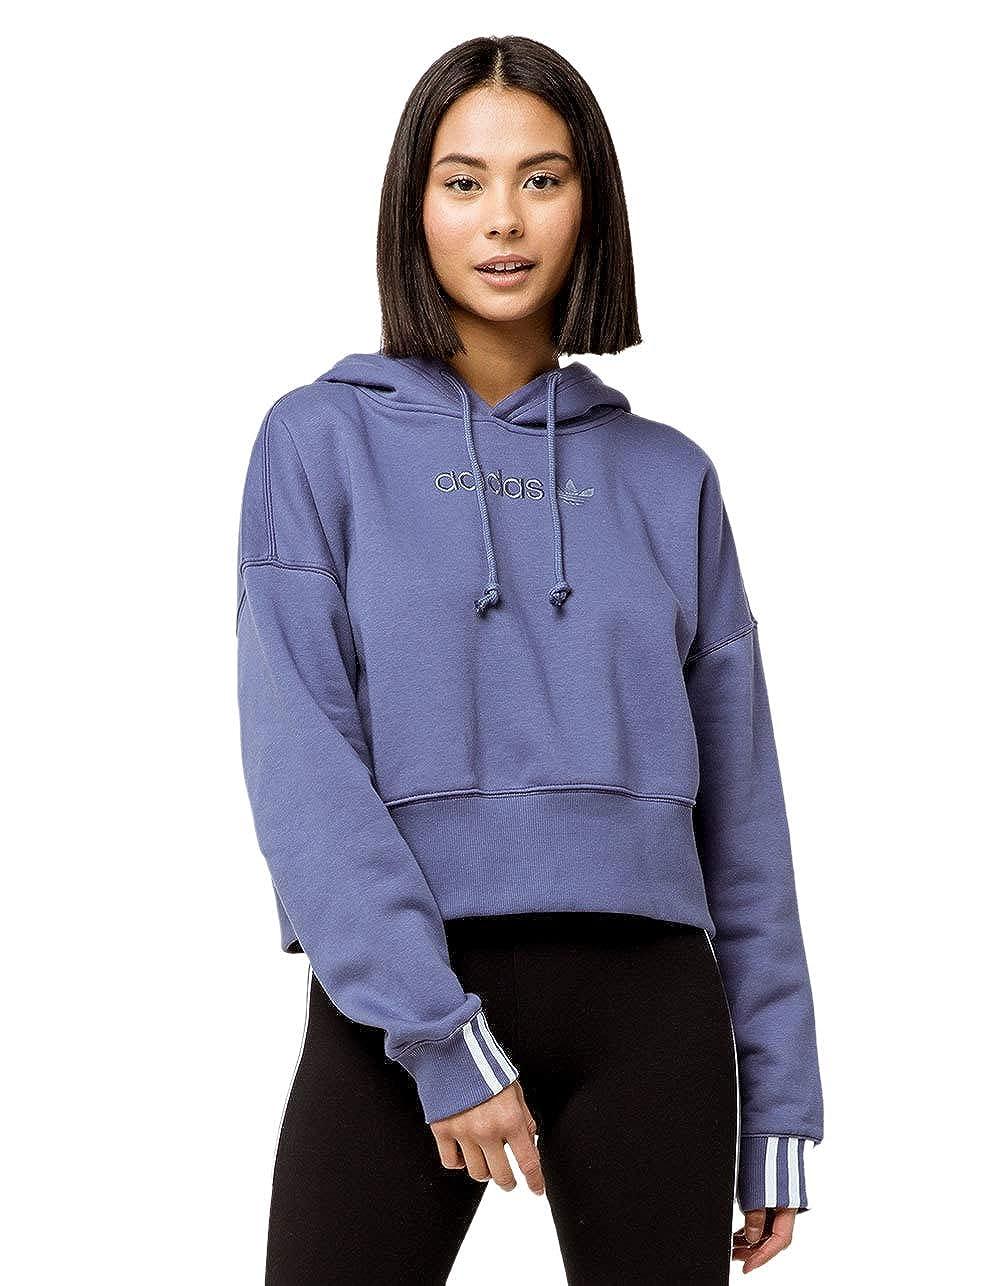 Coeeze Hoodie Sweatshirt